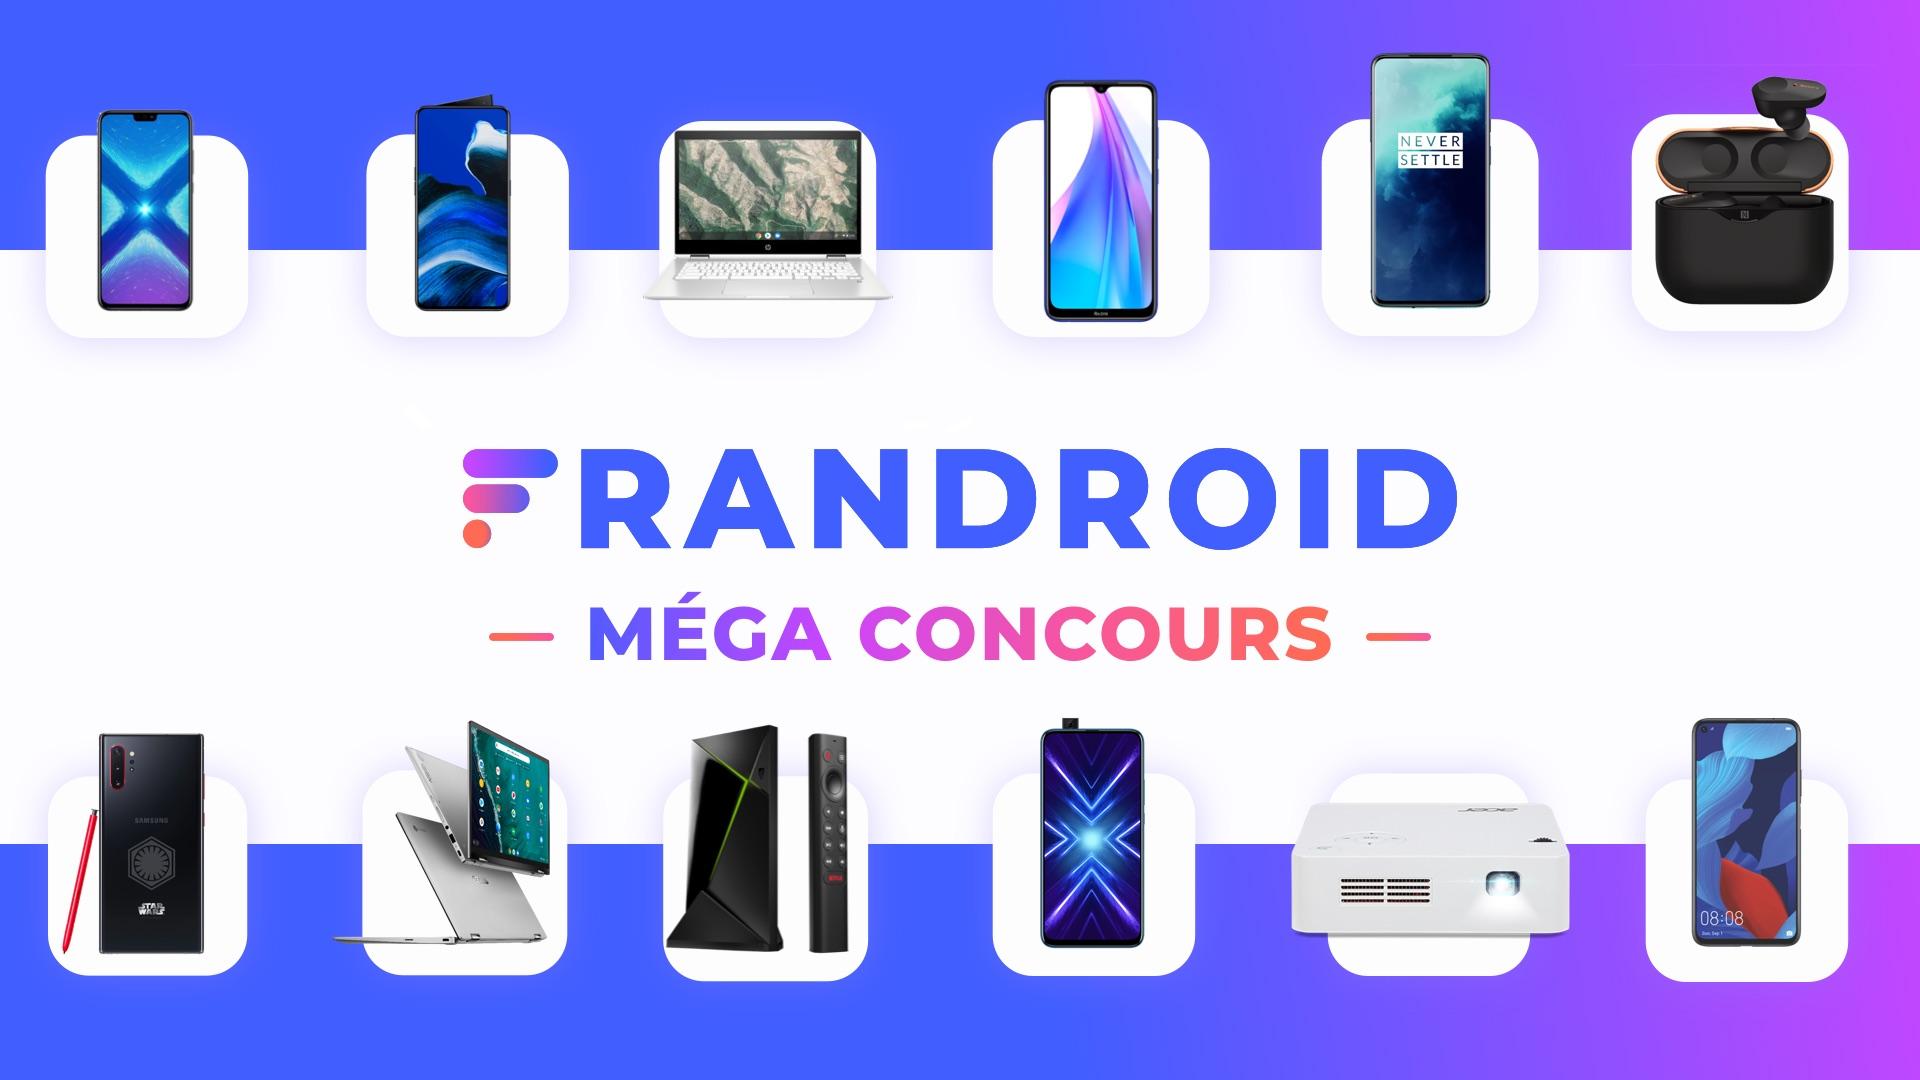 Méga concours Frandroid : on vous fait gagner 12 cadeaux tech !